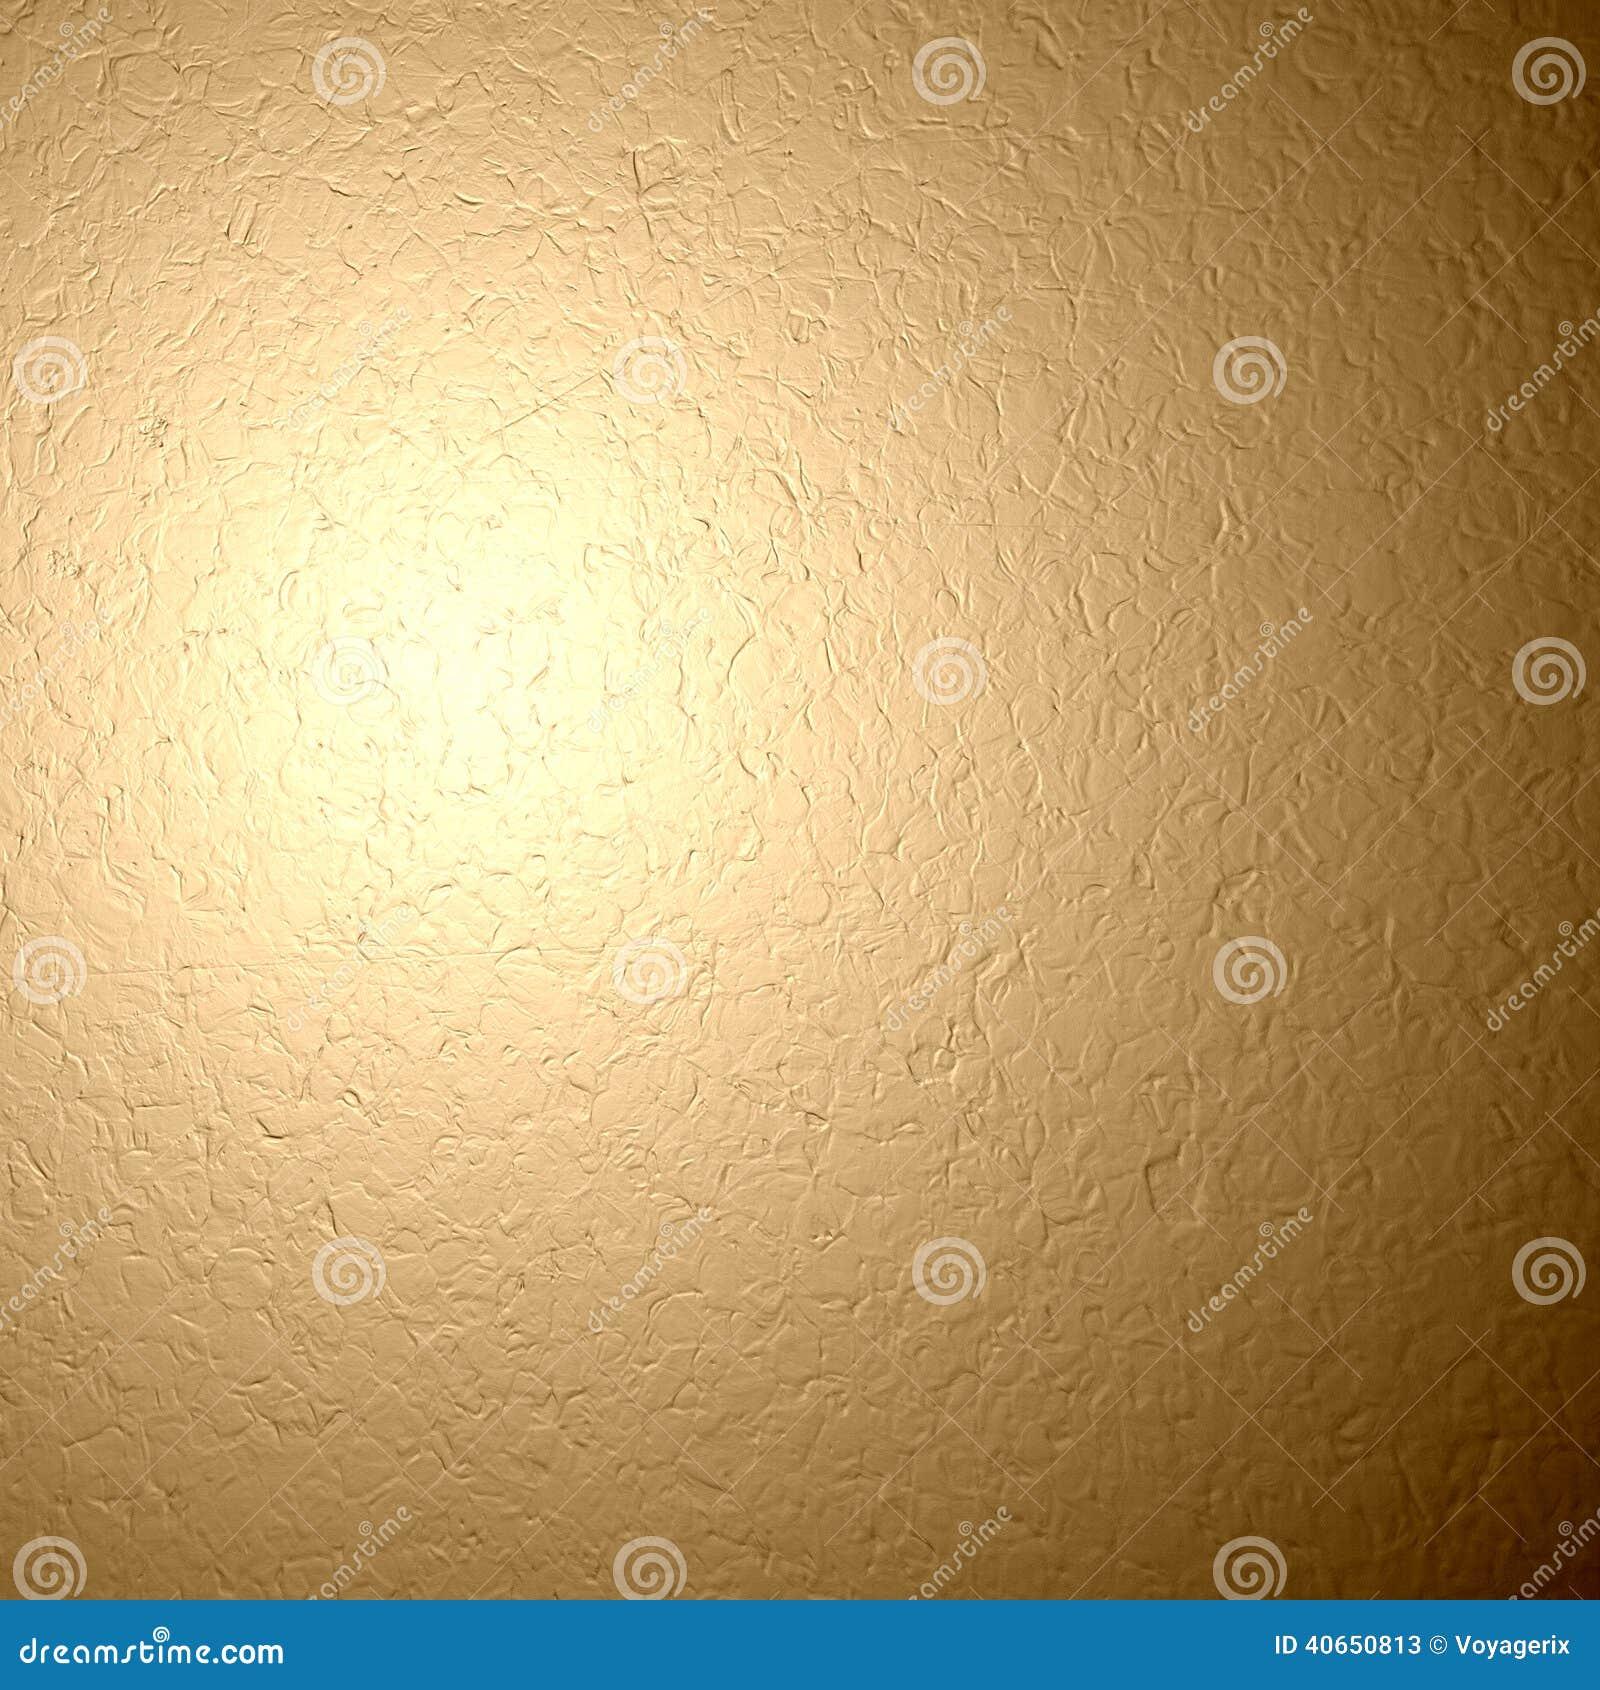 αφηρημένο χρυσό μέταλλο ανασκόπησης